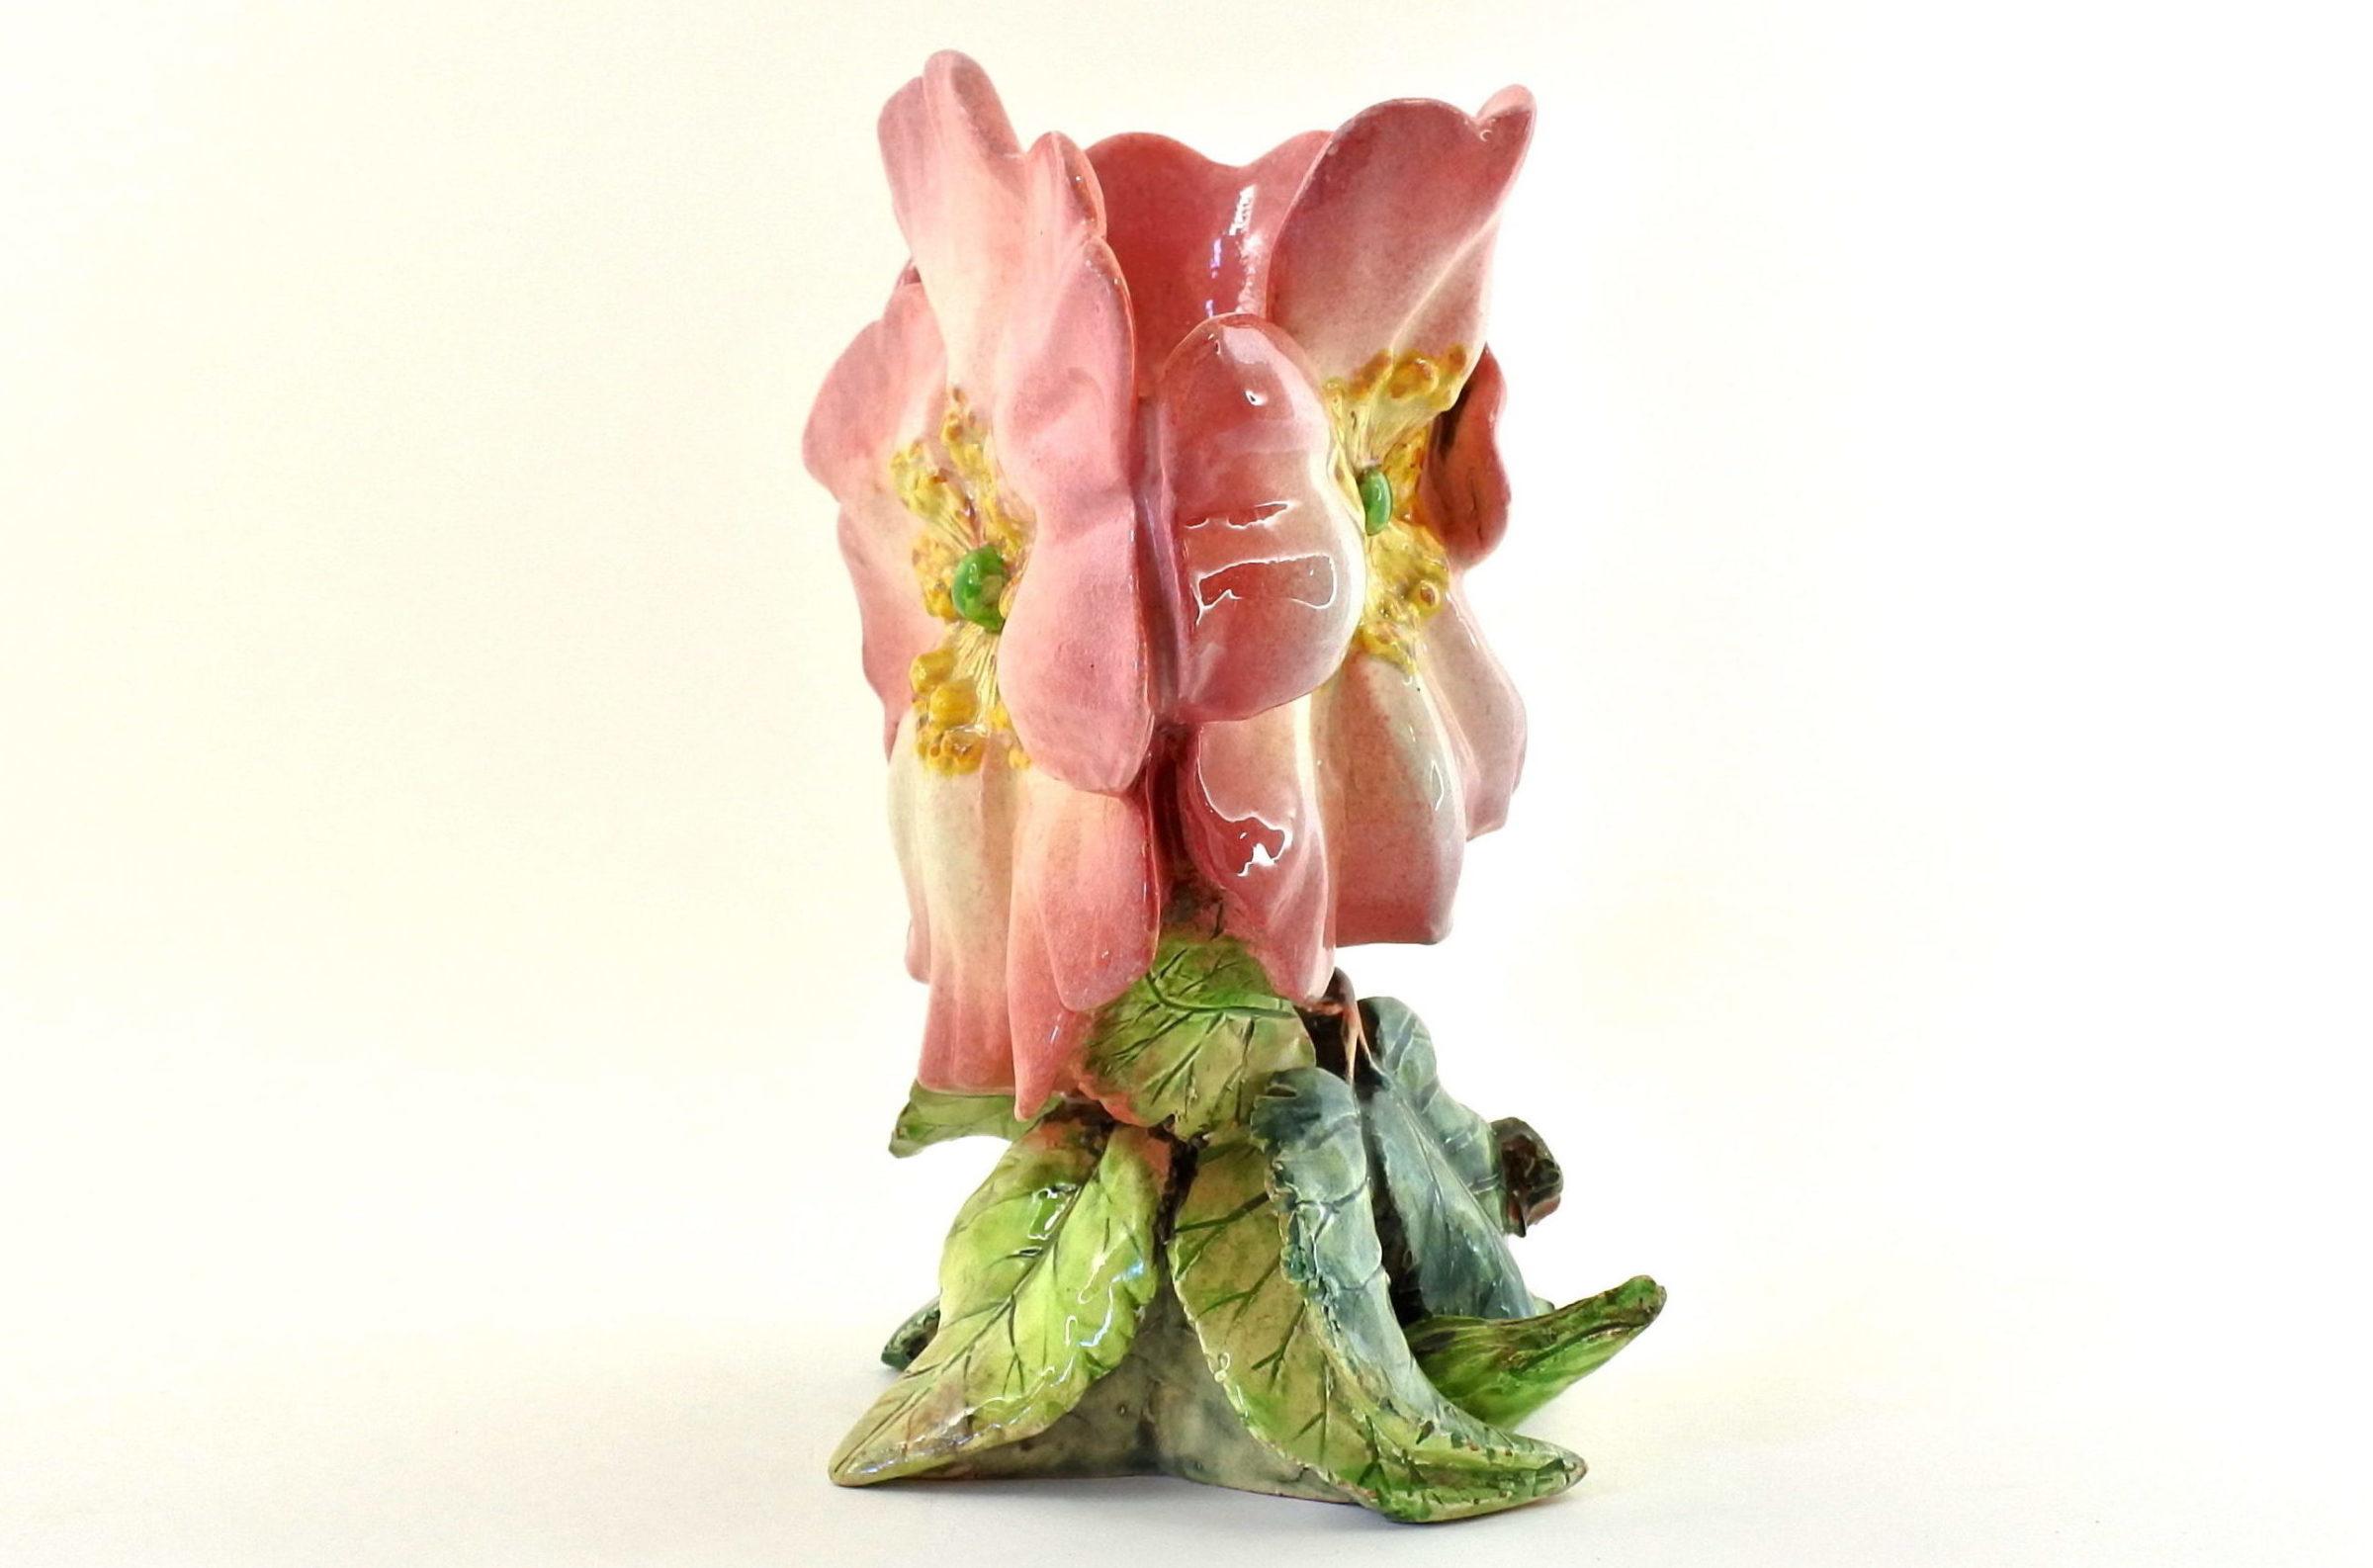 Vaso Massier in ceramica barbotine a forma di tre anemoni - Delphin Massier - 4